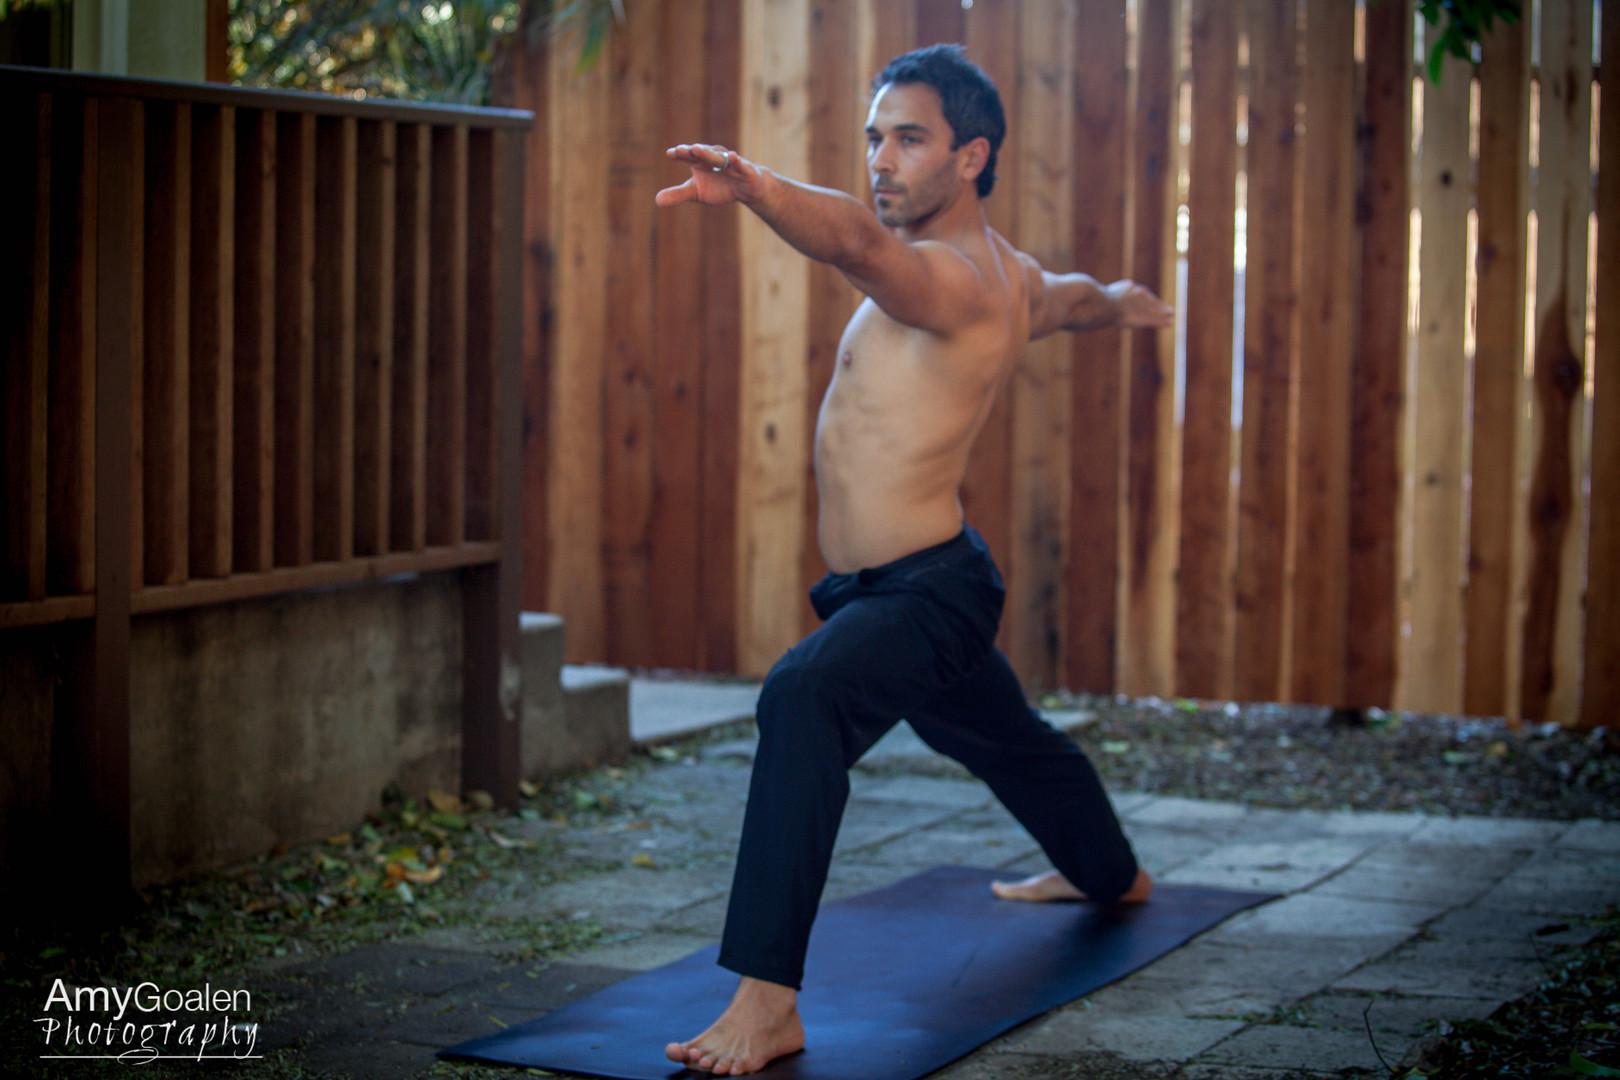 AGoalen_Yoga_BrianHyman-1057.jpg